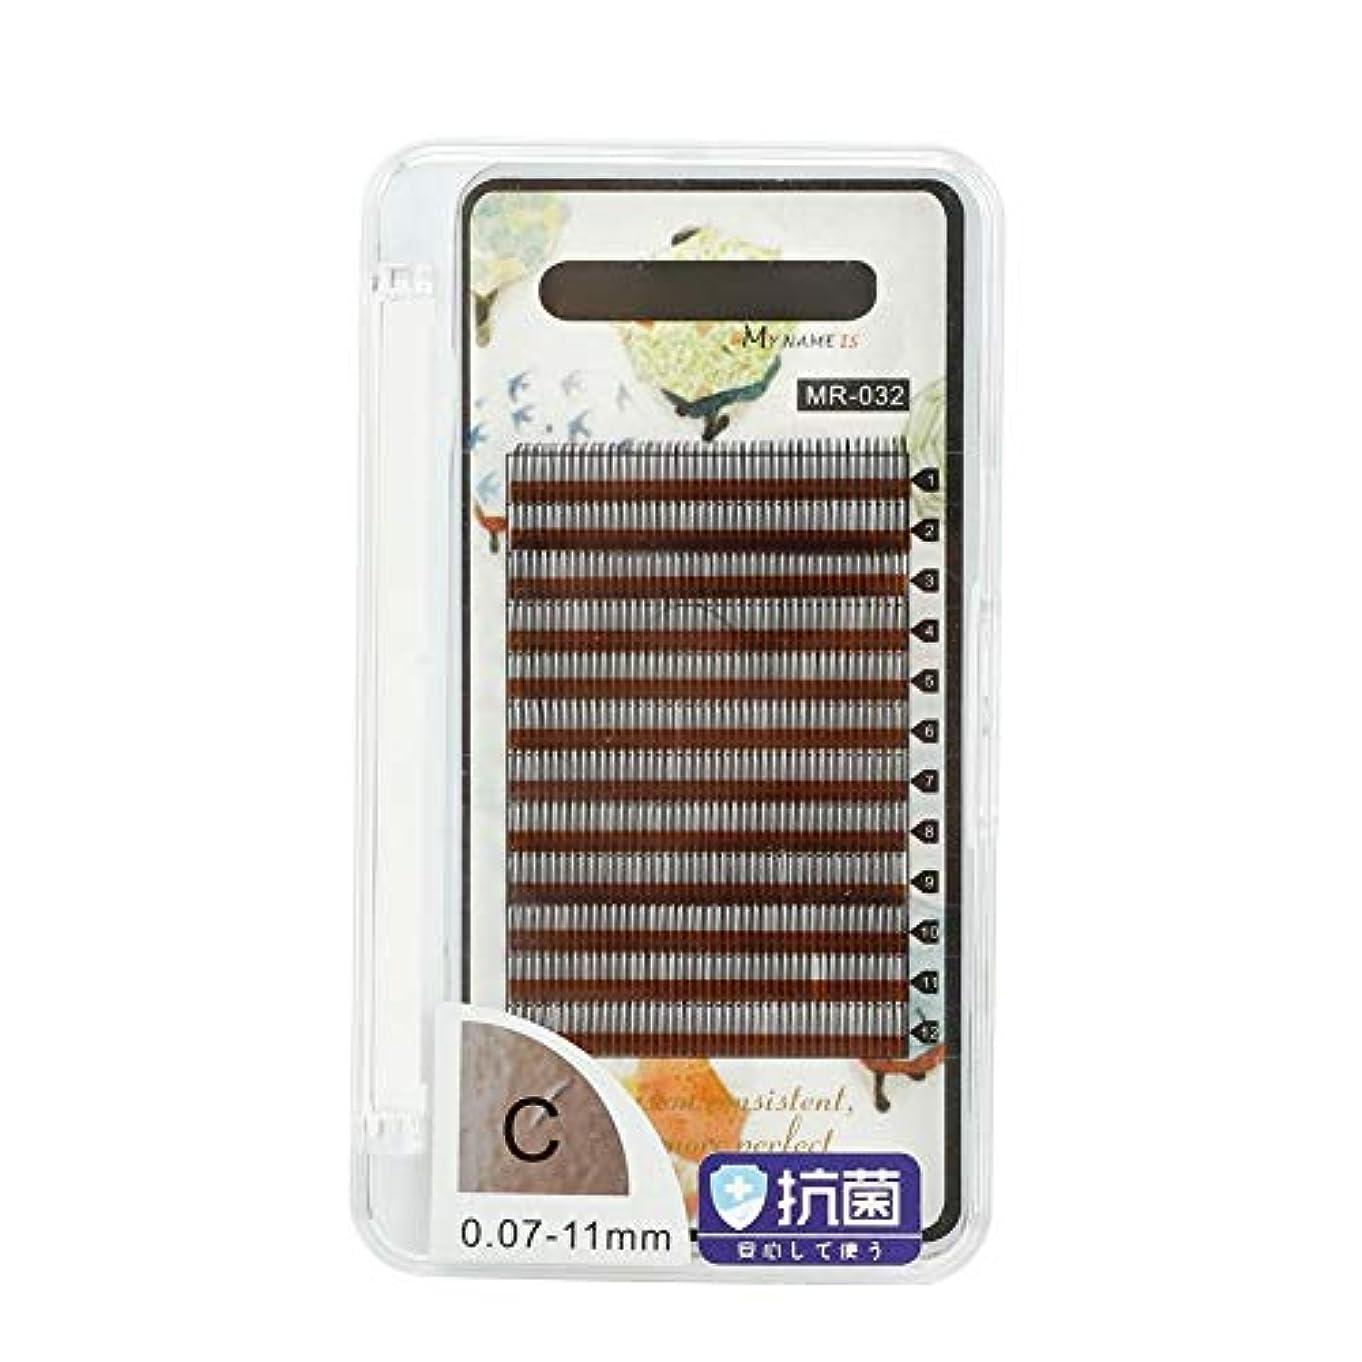 茎保証するファントムつけまつげ、接ぎつけまつげ、束ねられたつけまつげ接ぎ木長い偽のつけまつげクラスタエクステンション化粧の美しさまつげのためのつけまつげ(11mm)